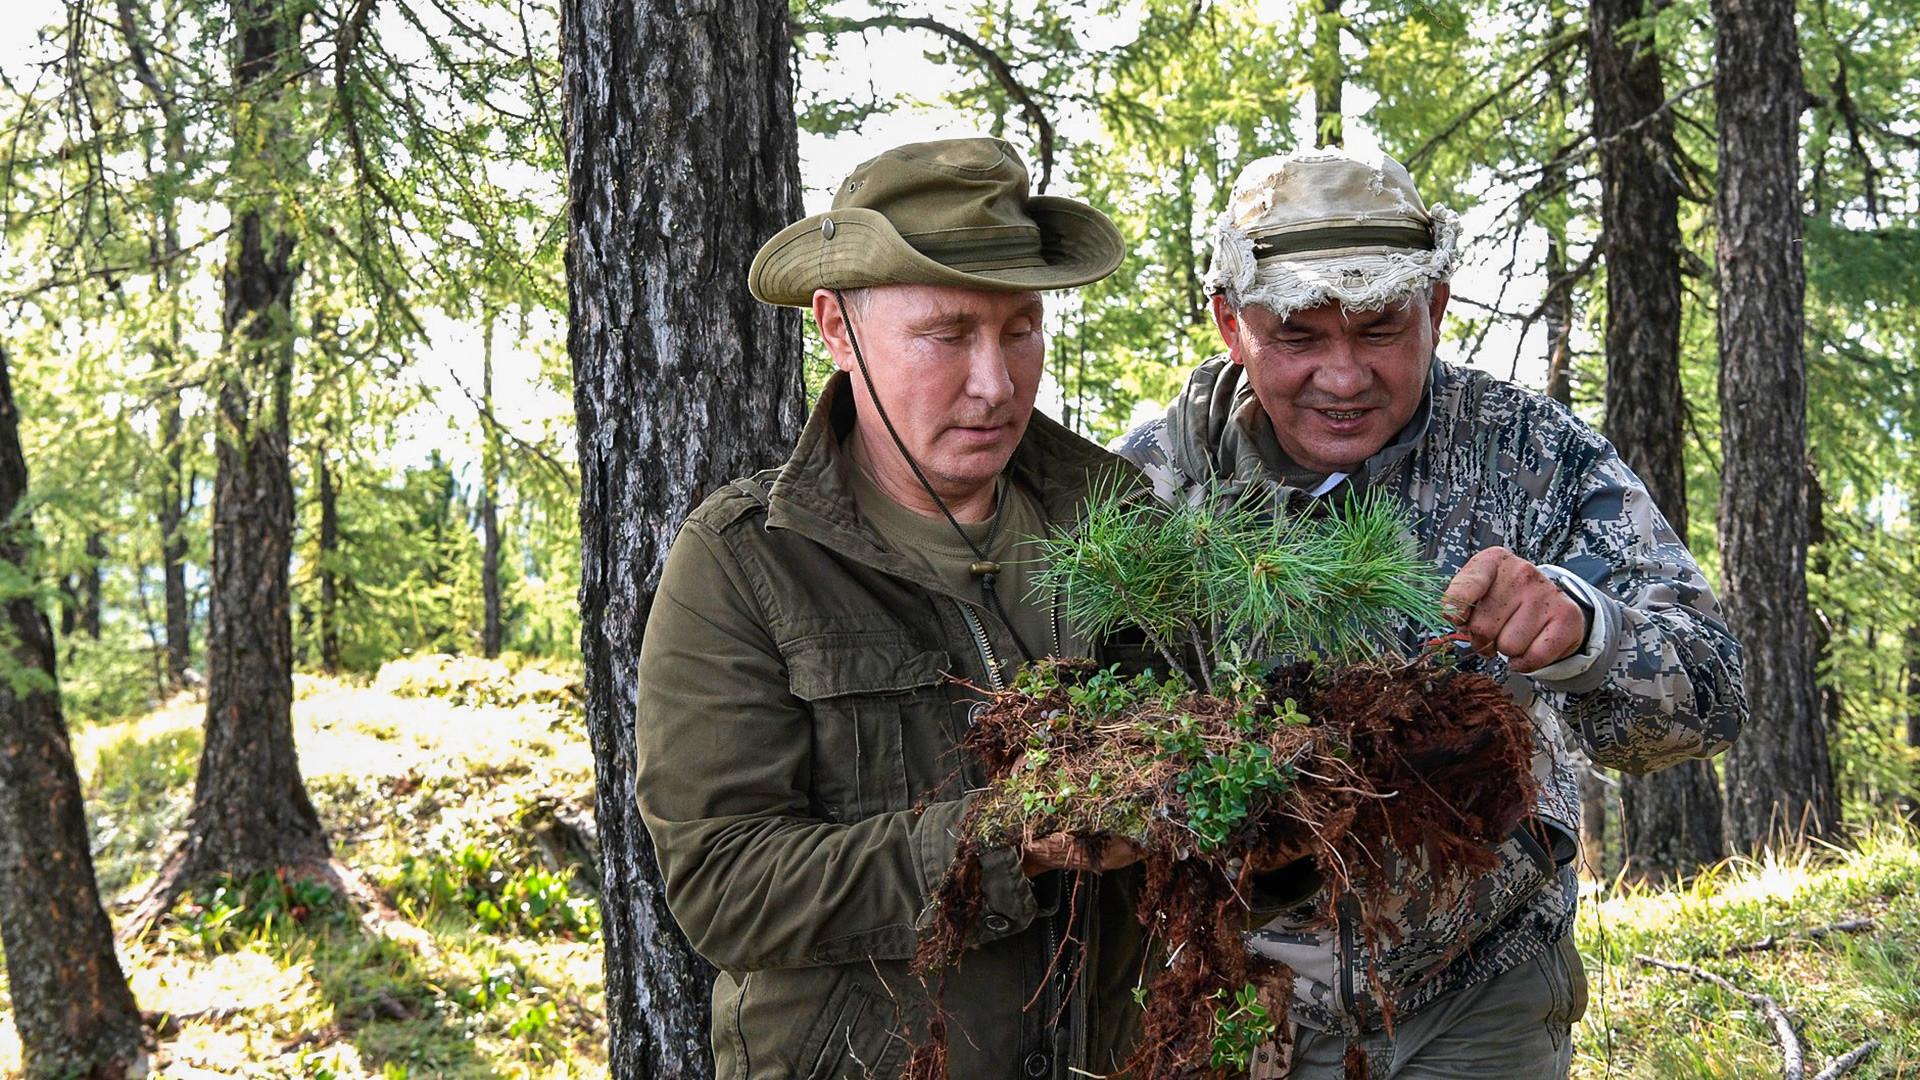 プーチン大統領とセルゲイ・ショイグ国防相がトゥヴァにて